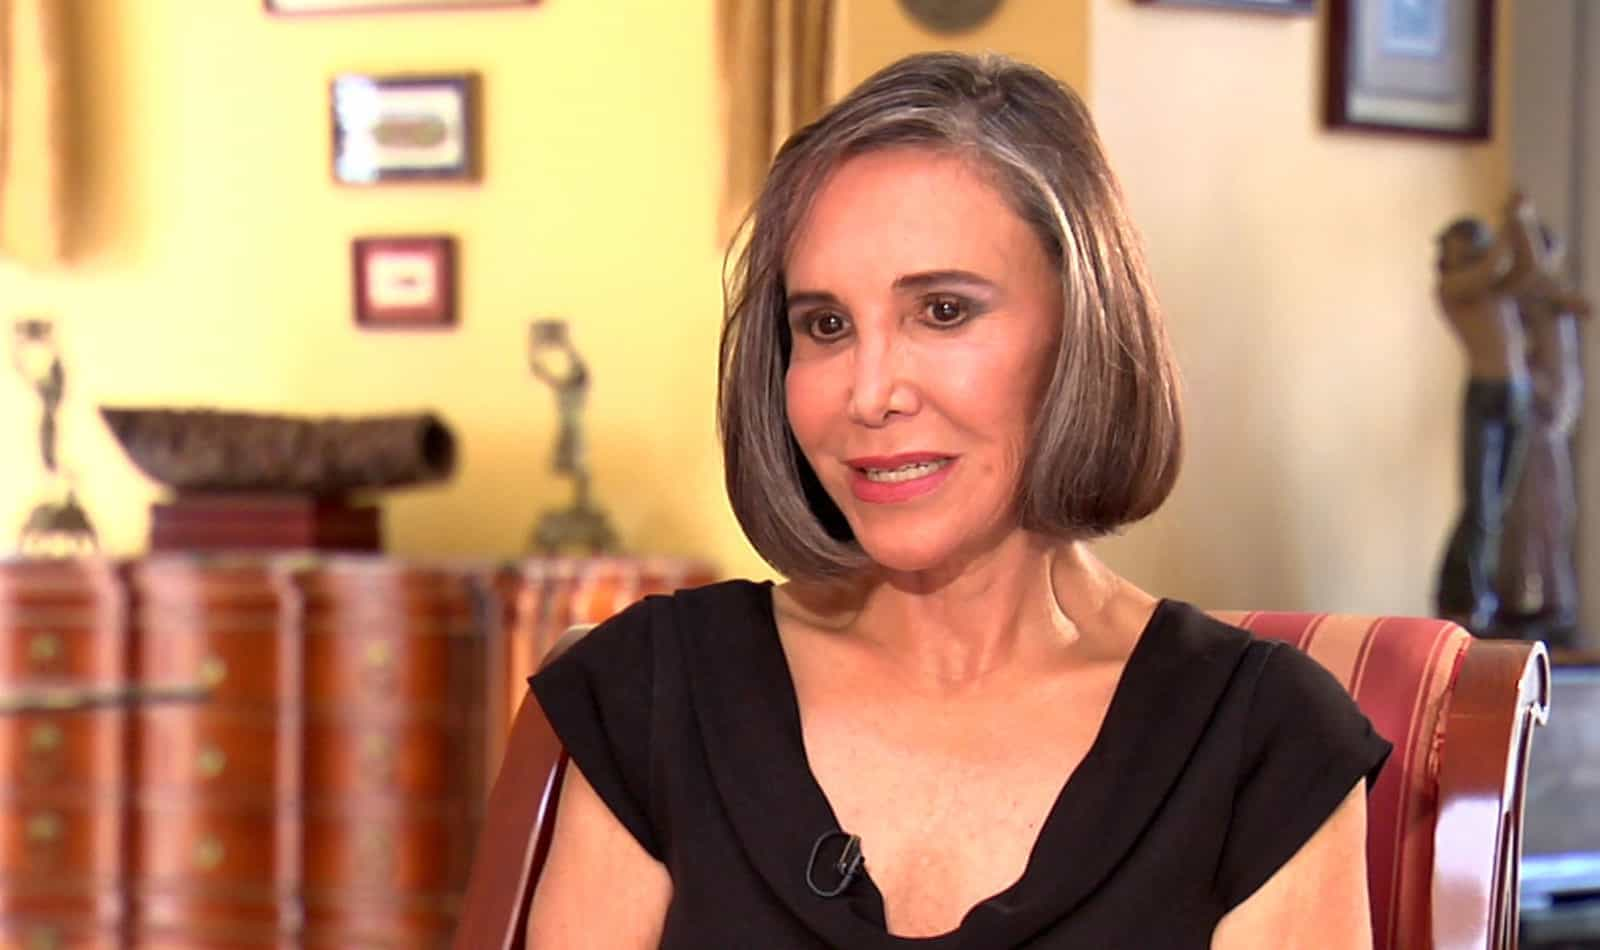 Atriz que fez dona Florinda no 'Chaves' fala sobre falta de trabalho